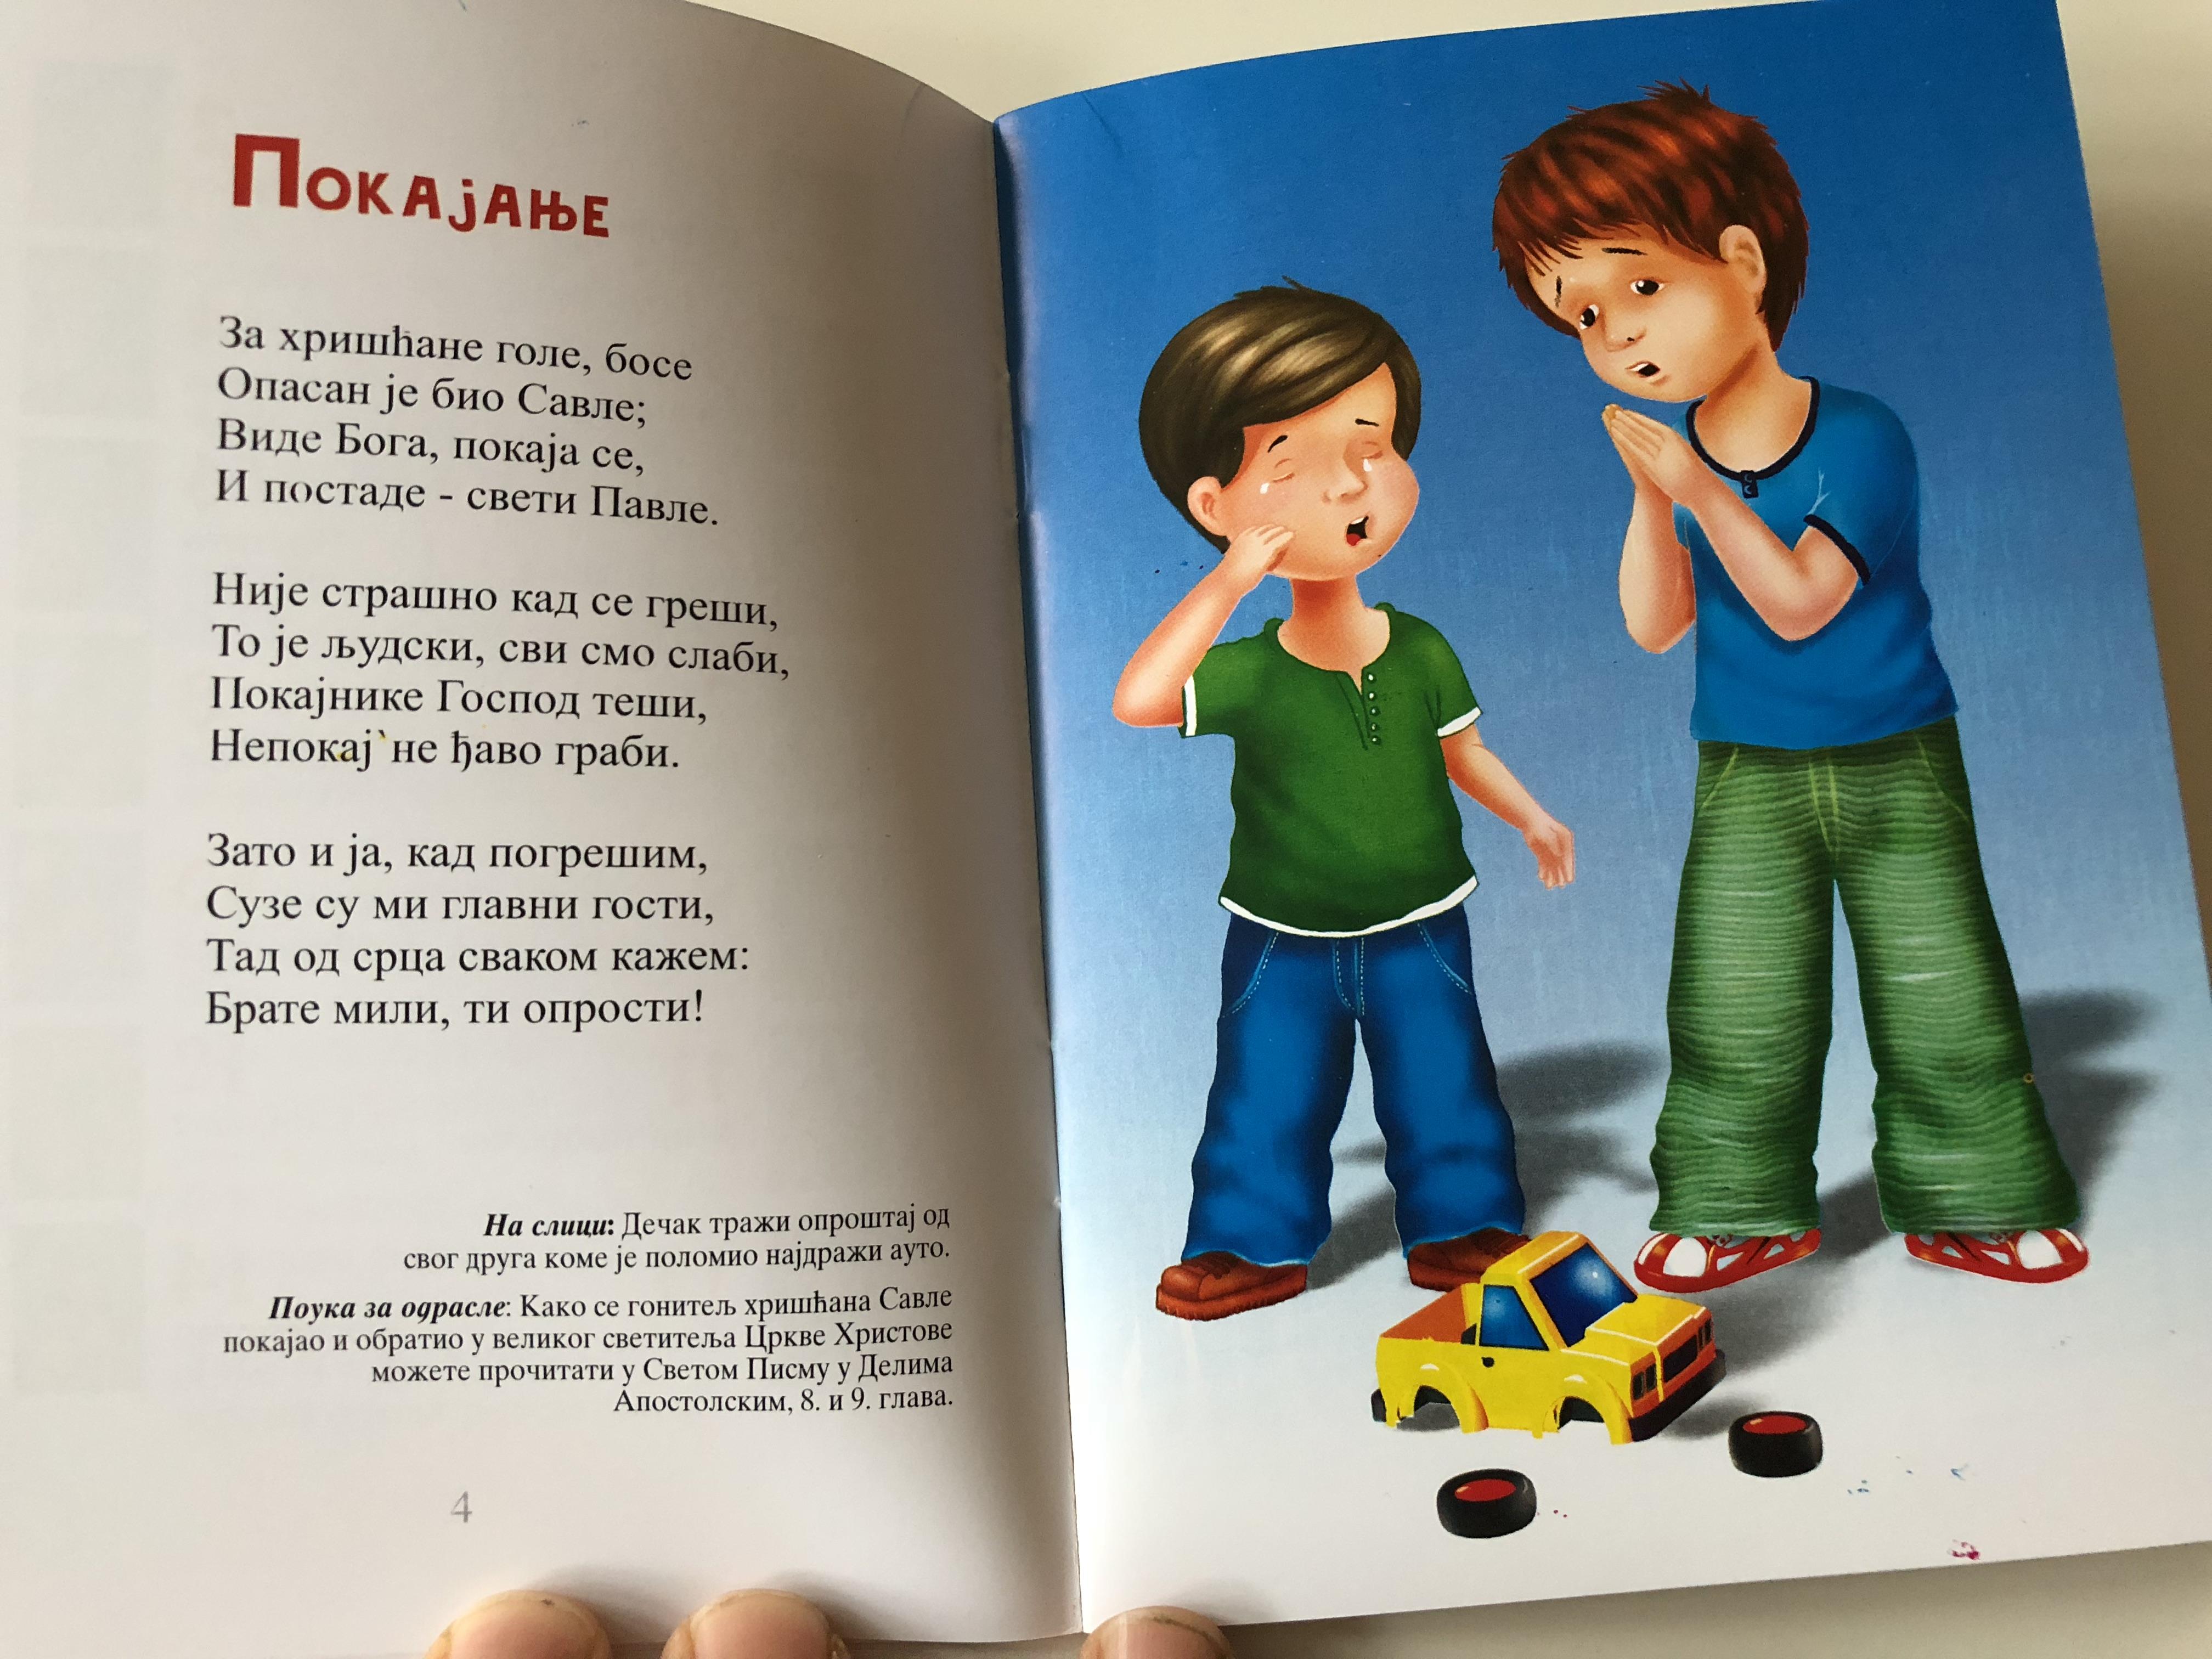 serbian-orthodox-storybook-virtues-of-saints-4-.jpg